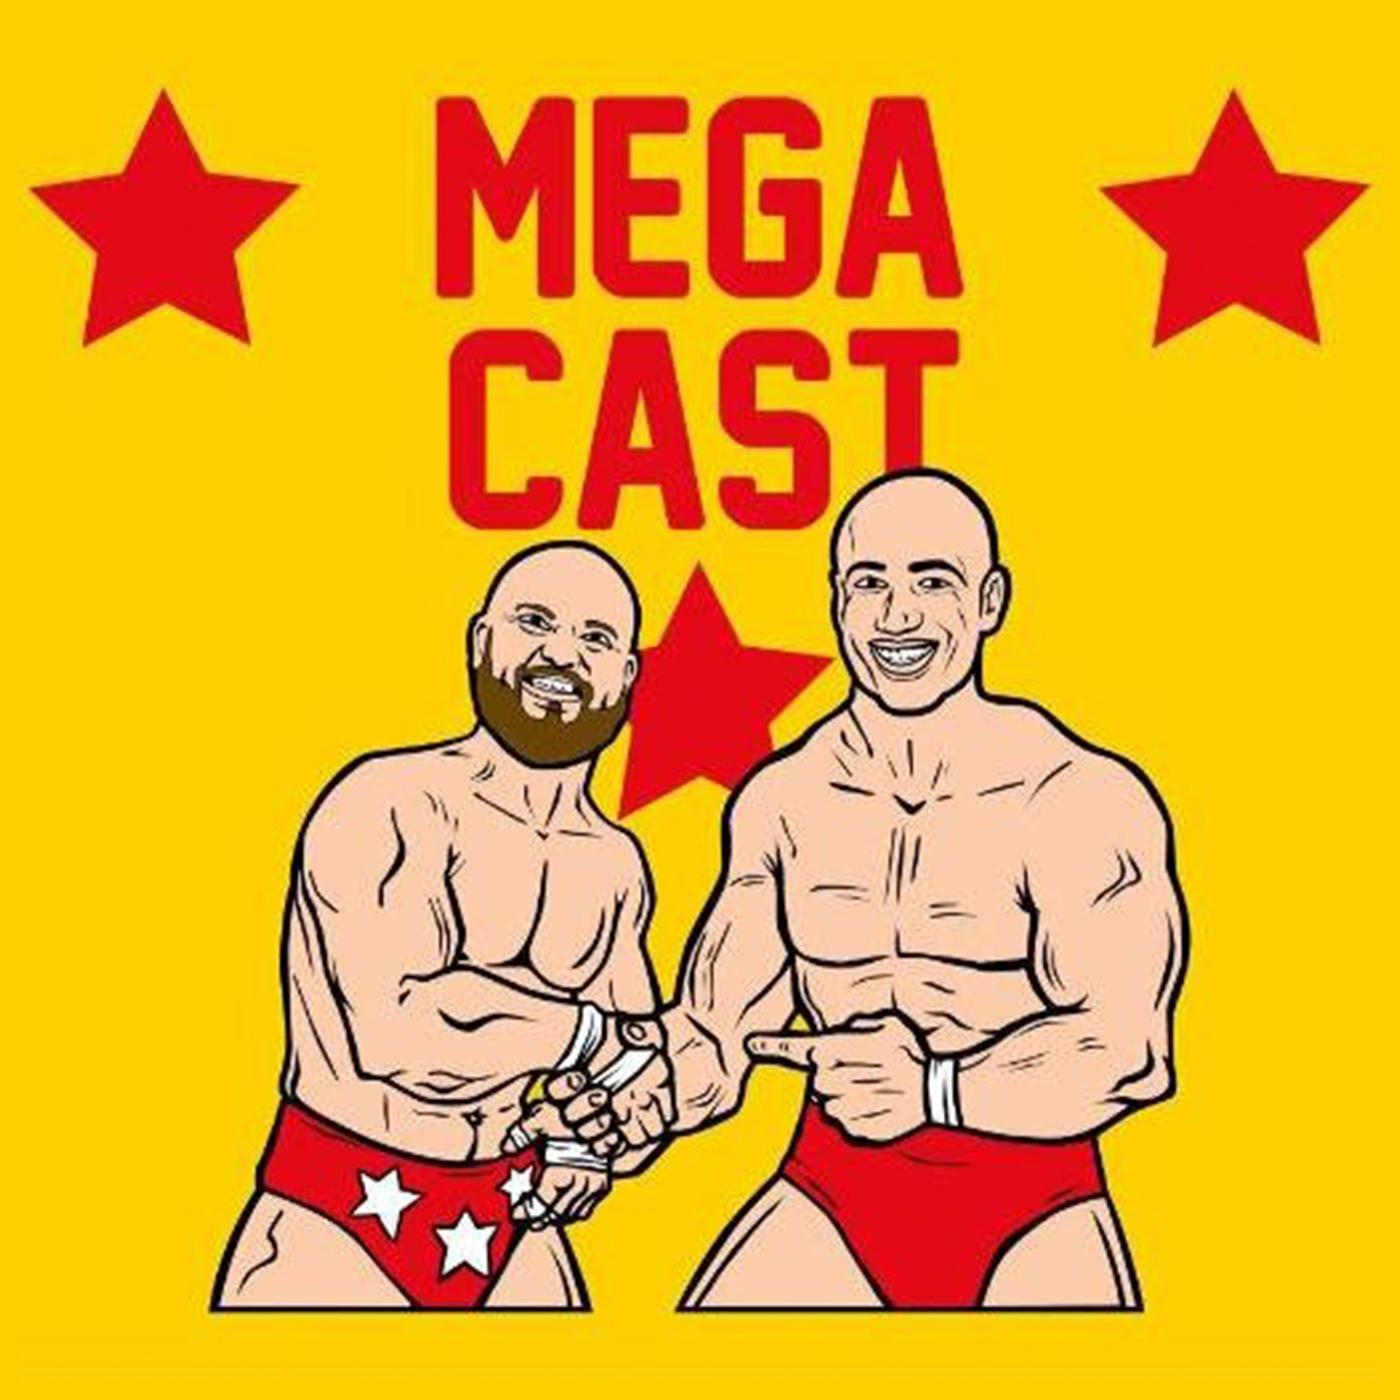 The Megacast